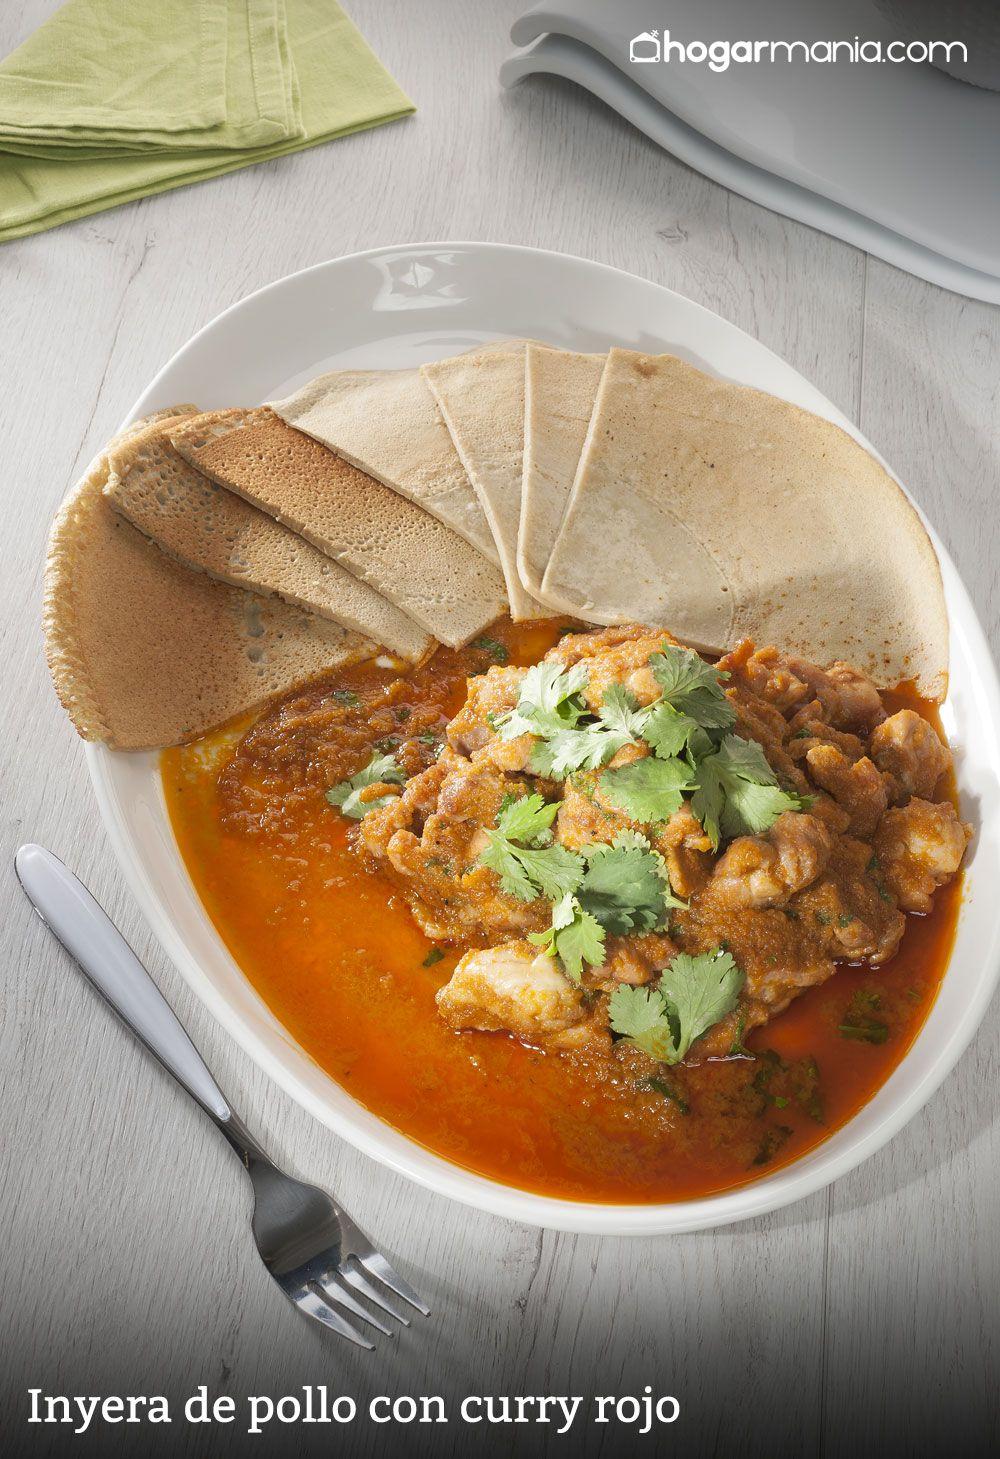 enyera de pollo con curry rojo